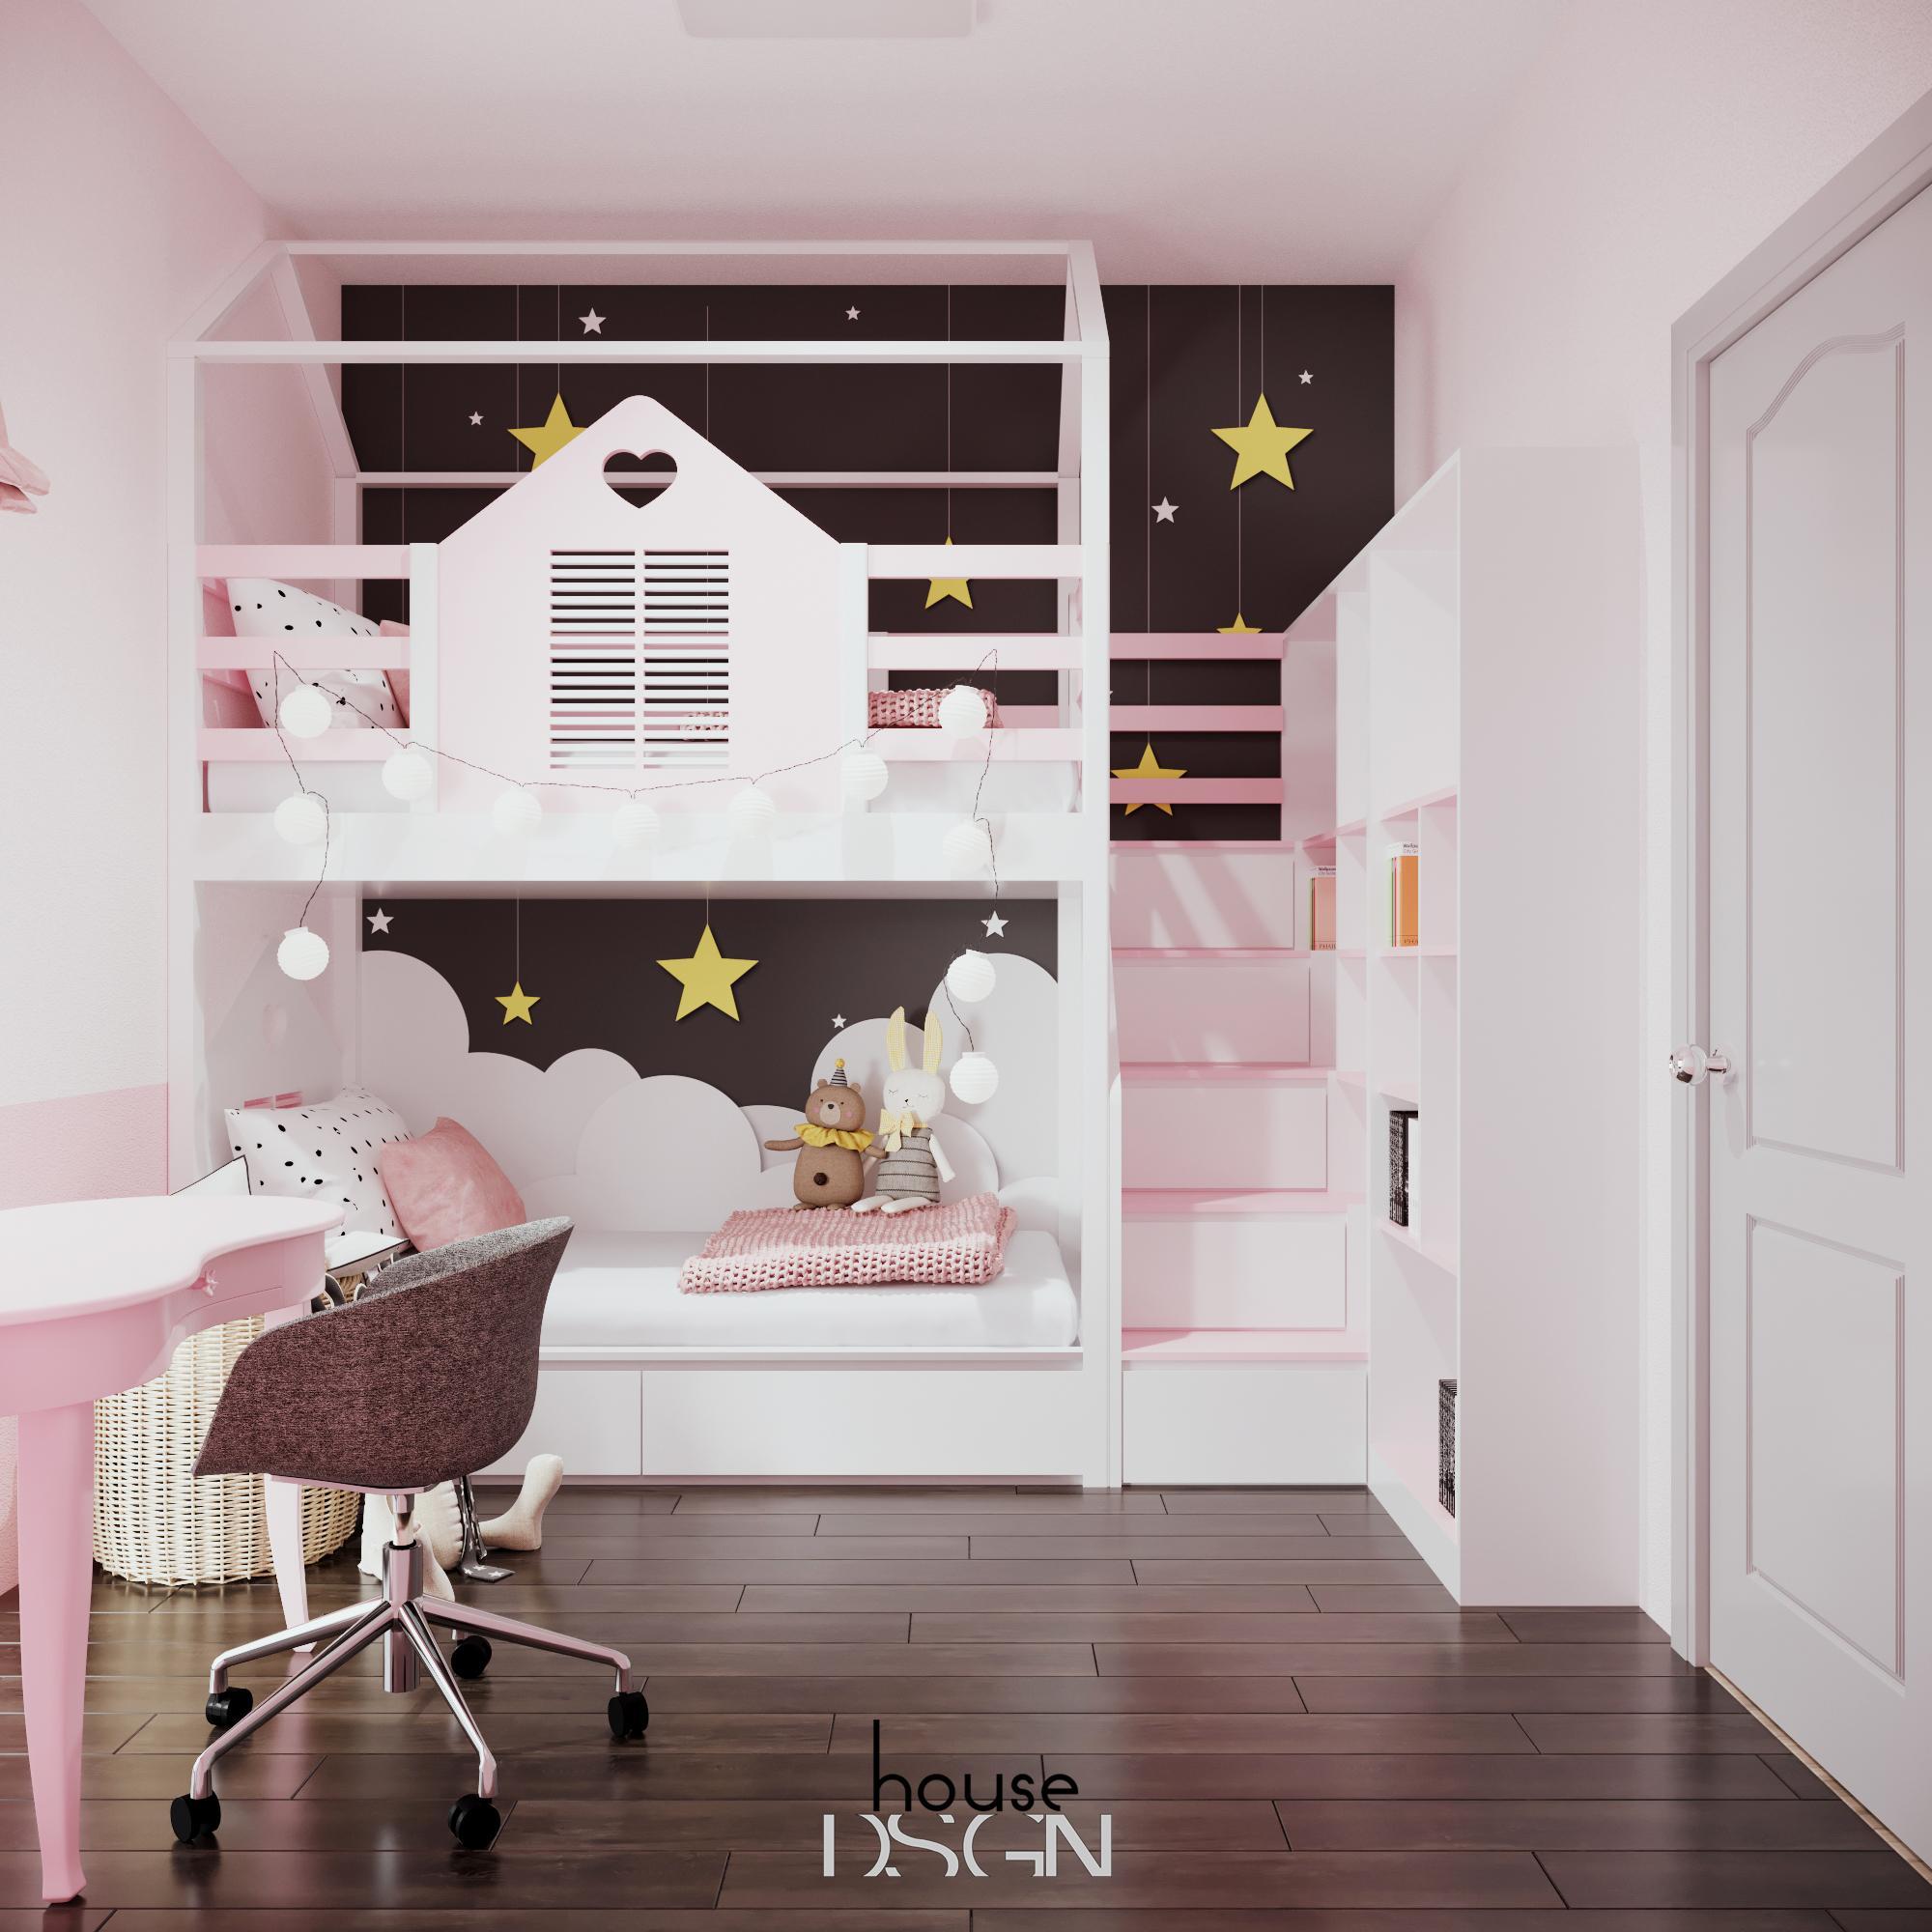 giường đơn - Housedesign